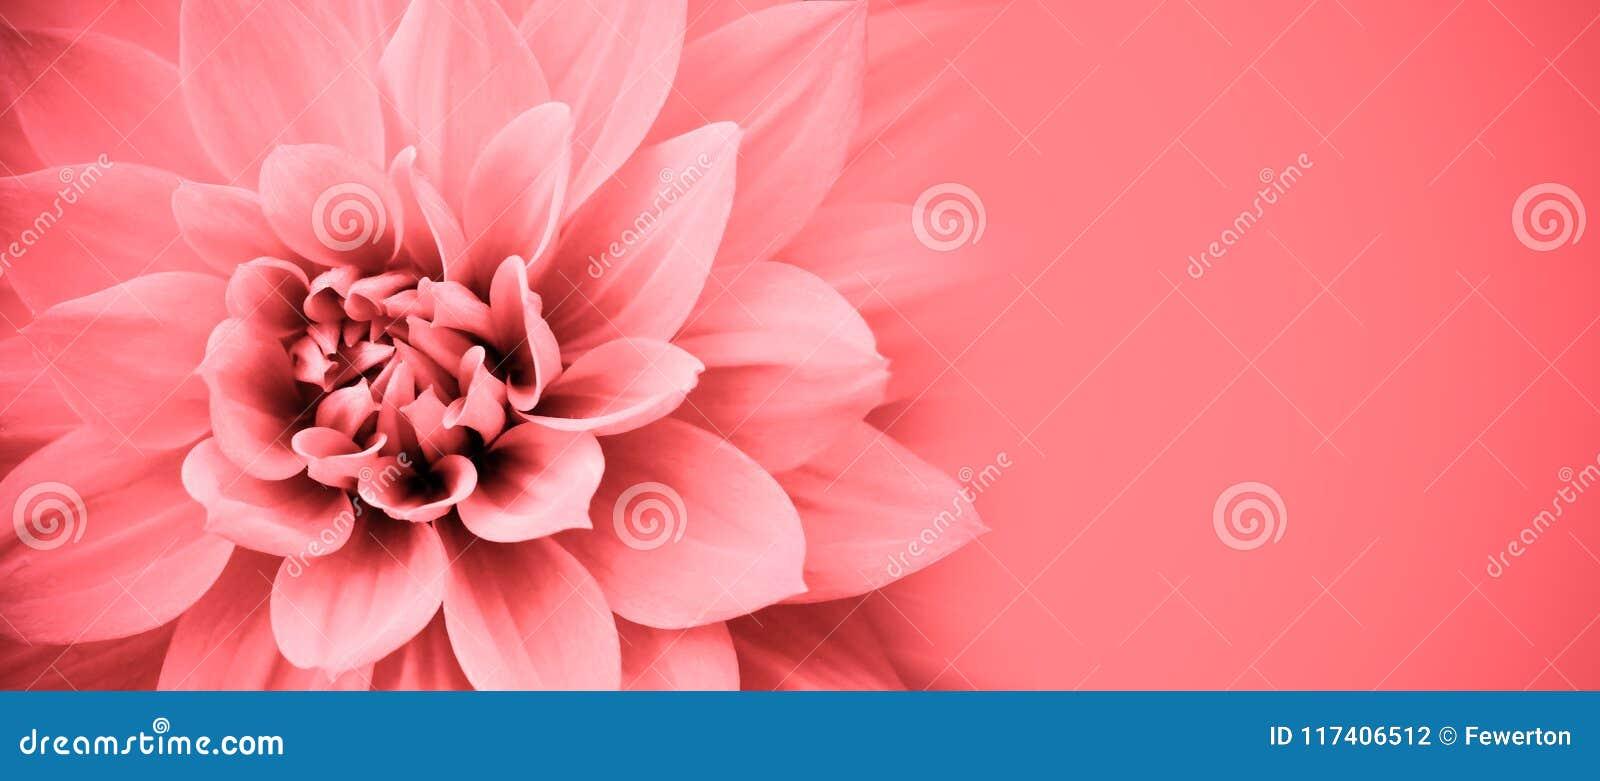 Różowych dalia kwiatu szczegółów fotografii granicy makro- rama z szerokim sztandaru tłem dla wiadomości tła karcianego powitania